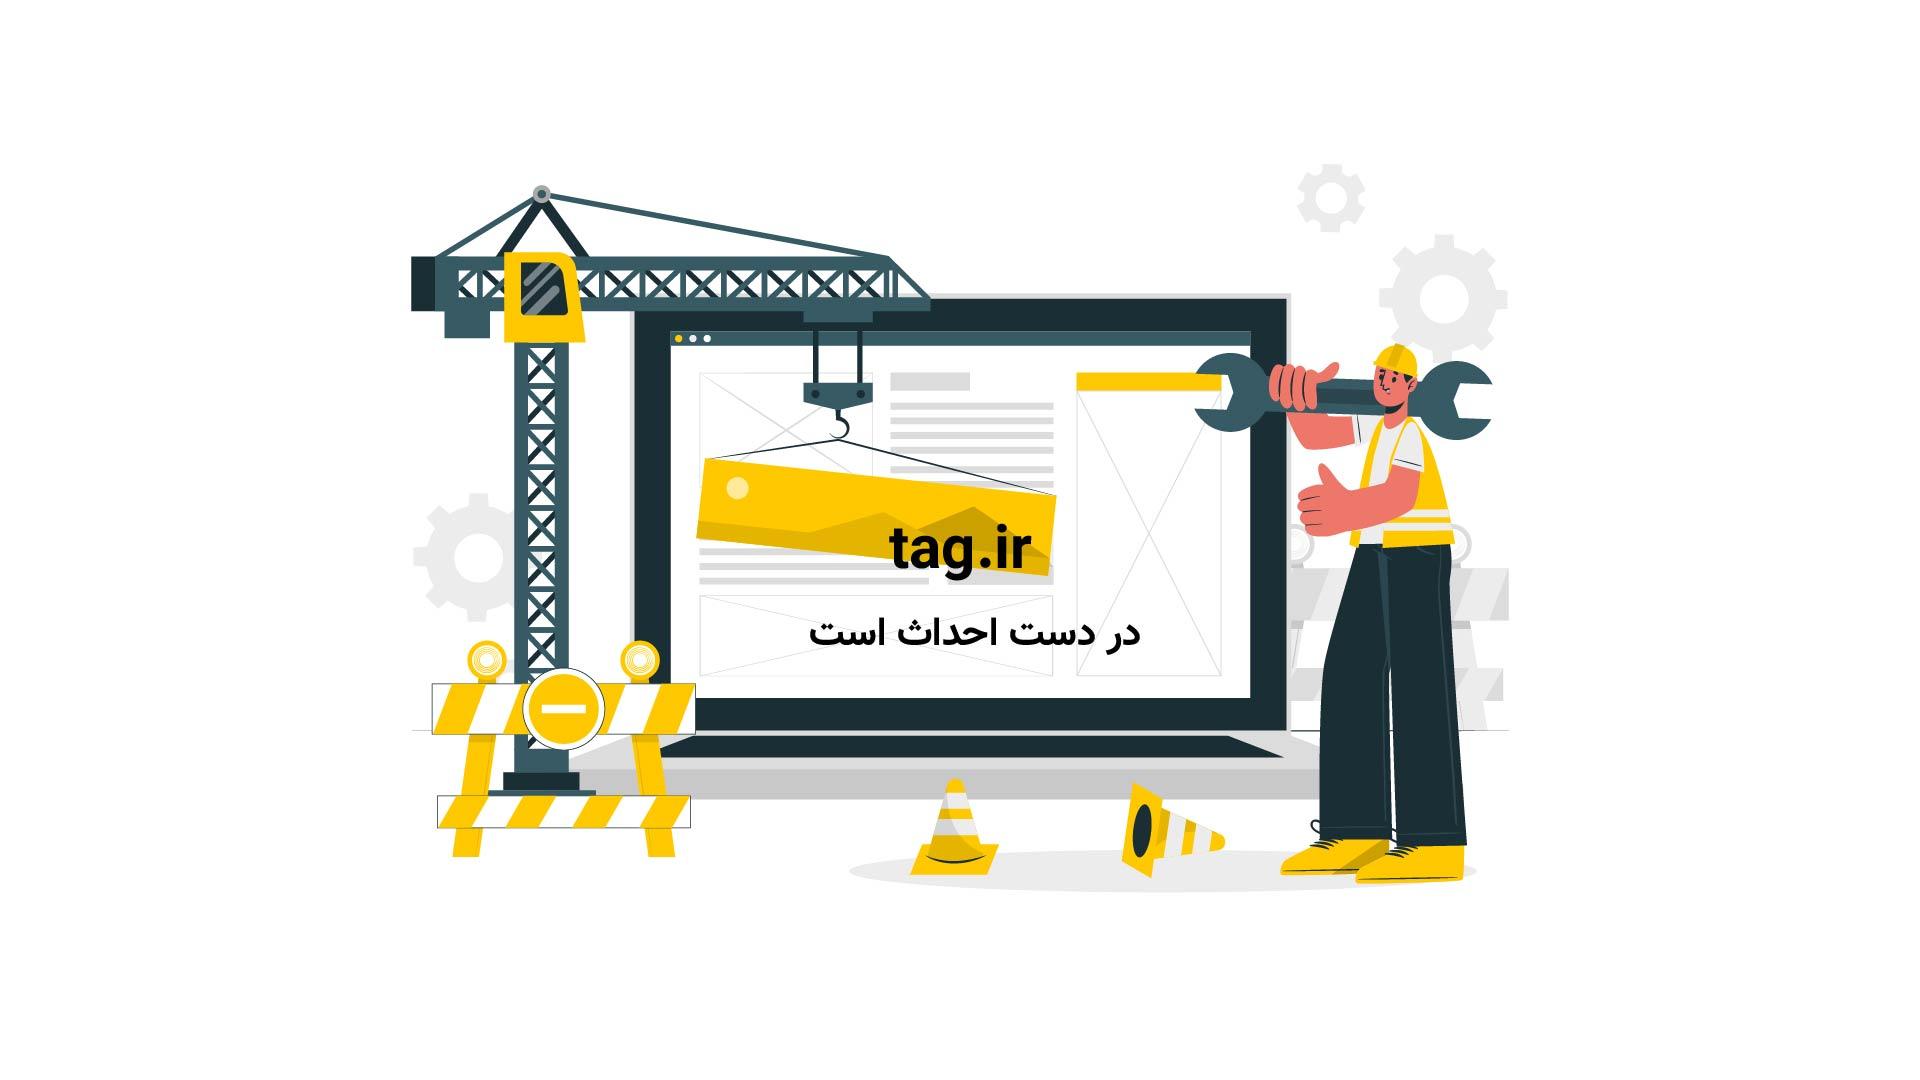 خودروی الکتریکی طلایی نیسان برای دارندگان طلا المپیک + فیلم